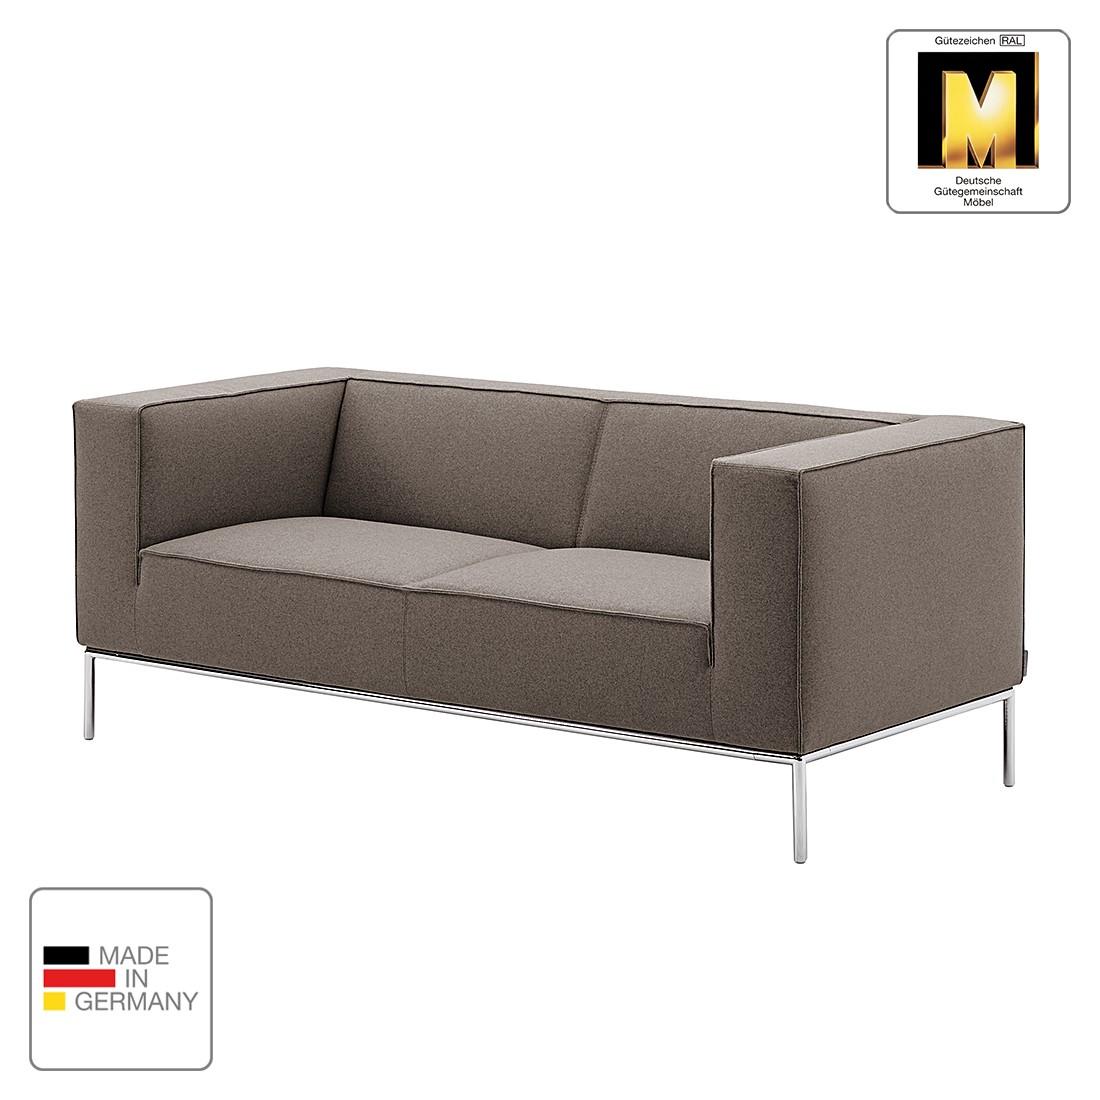 Sofa Greg (2-Sitzer) - Webstoff - Graubraun - 1 Kissen, Machalke Polsterwerkstätten